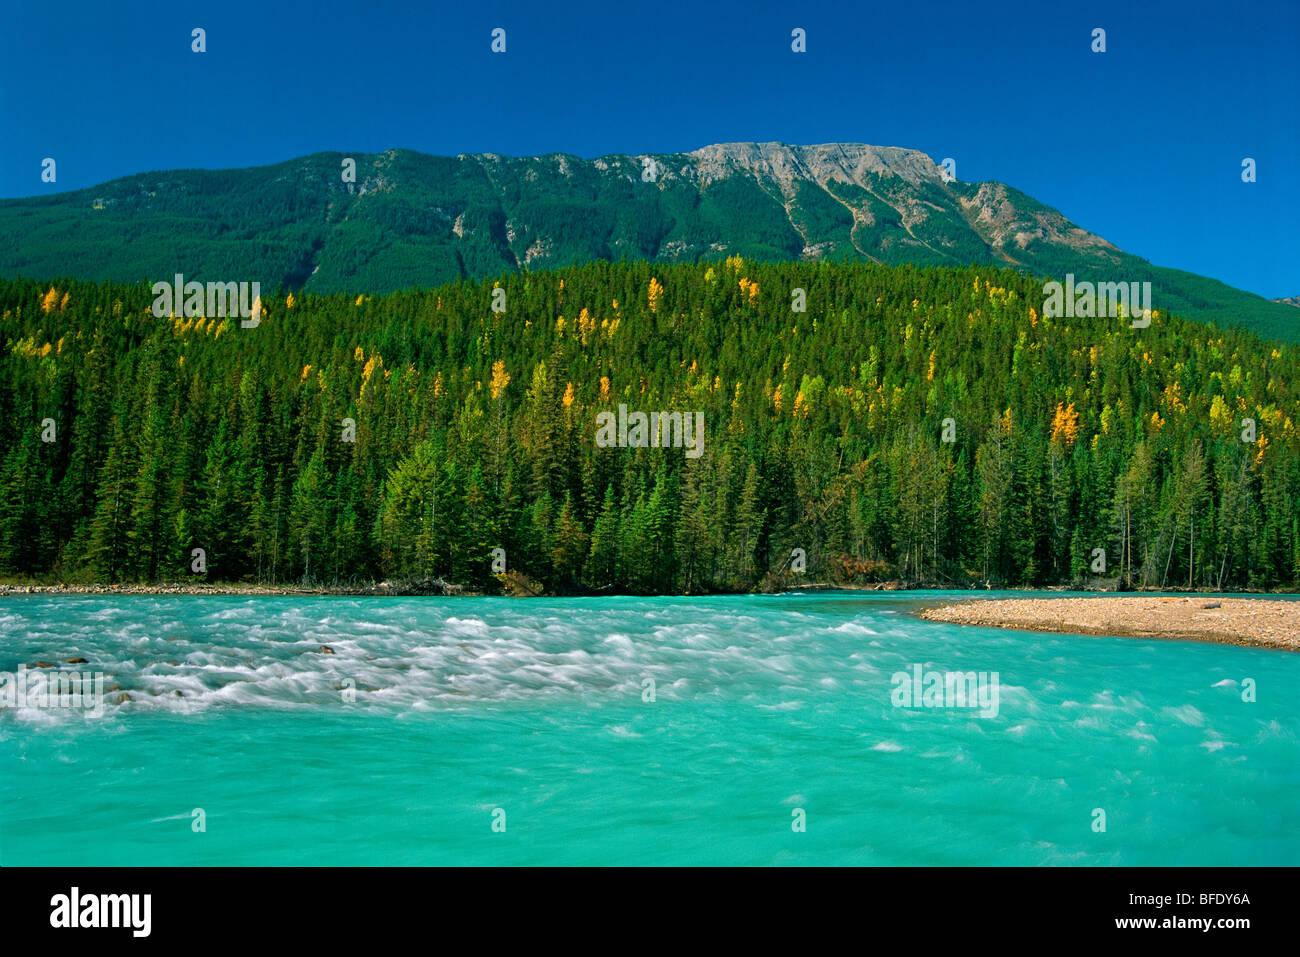 El Kicking Horse River, el Parque Nacional Yoho, British Columbia, Canadá Foto de stock